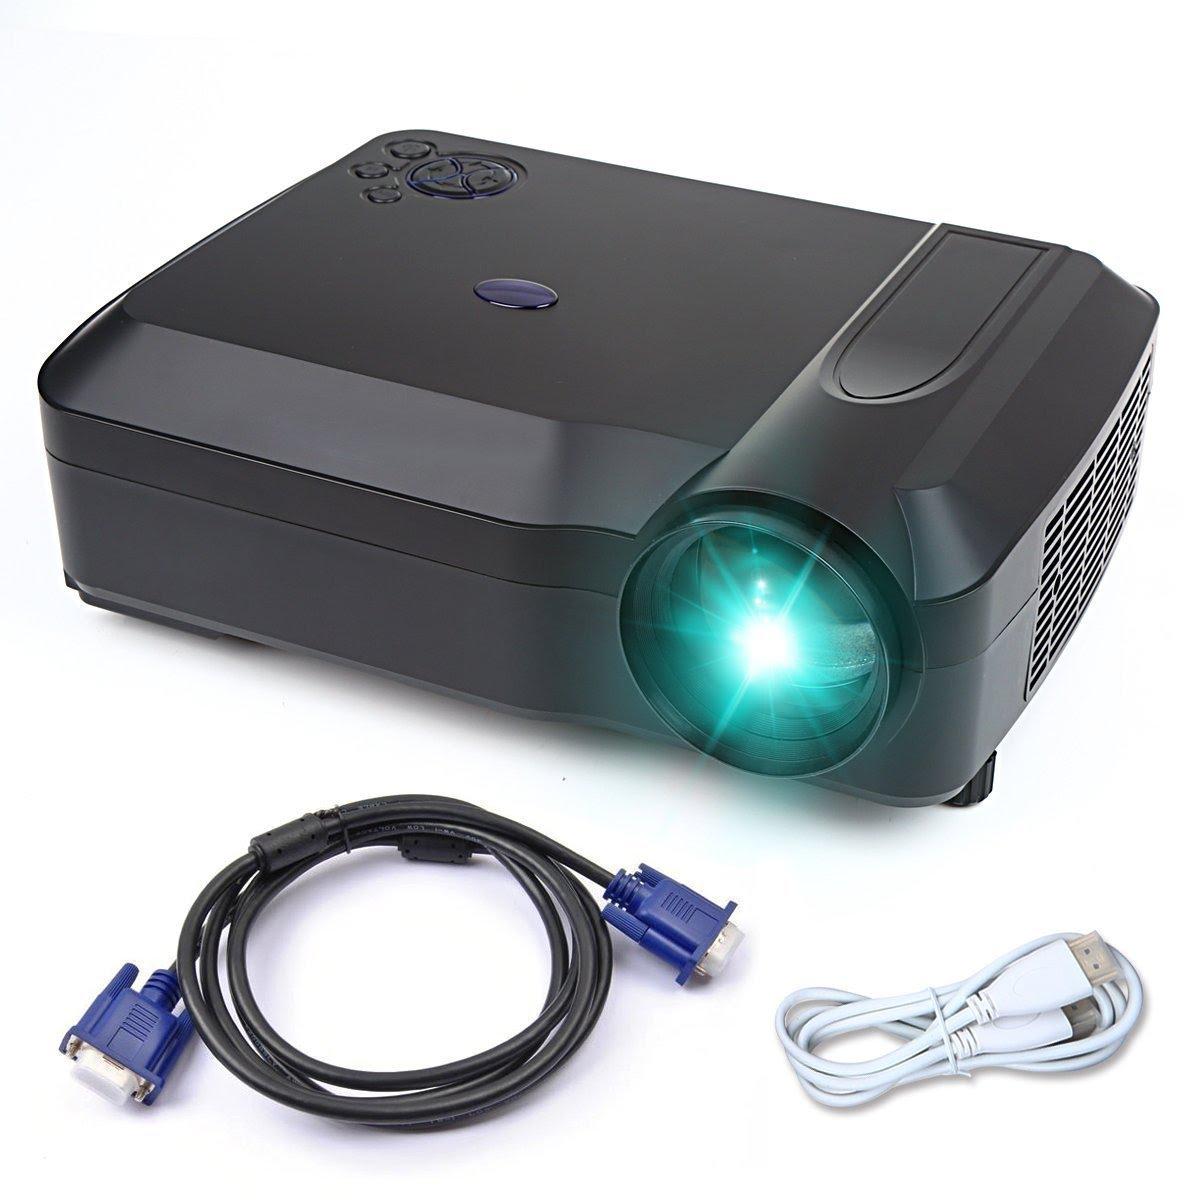 Crenova XPE650, un mini proyector con resolución HD